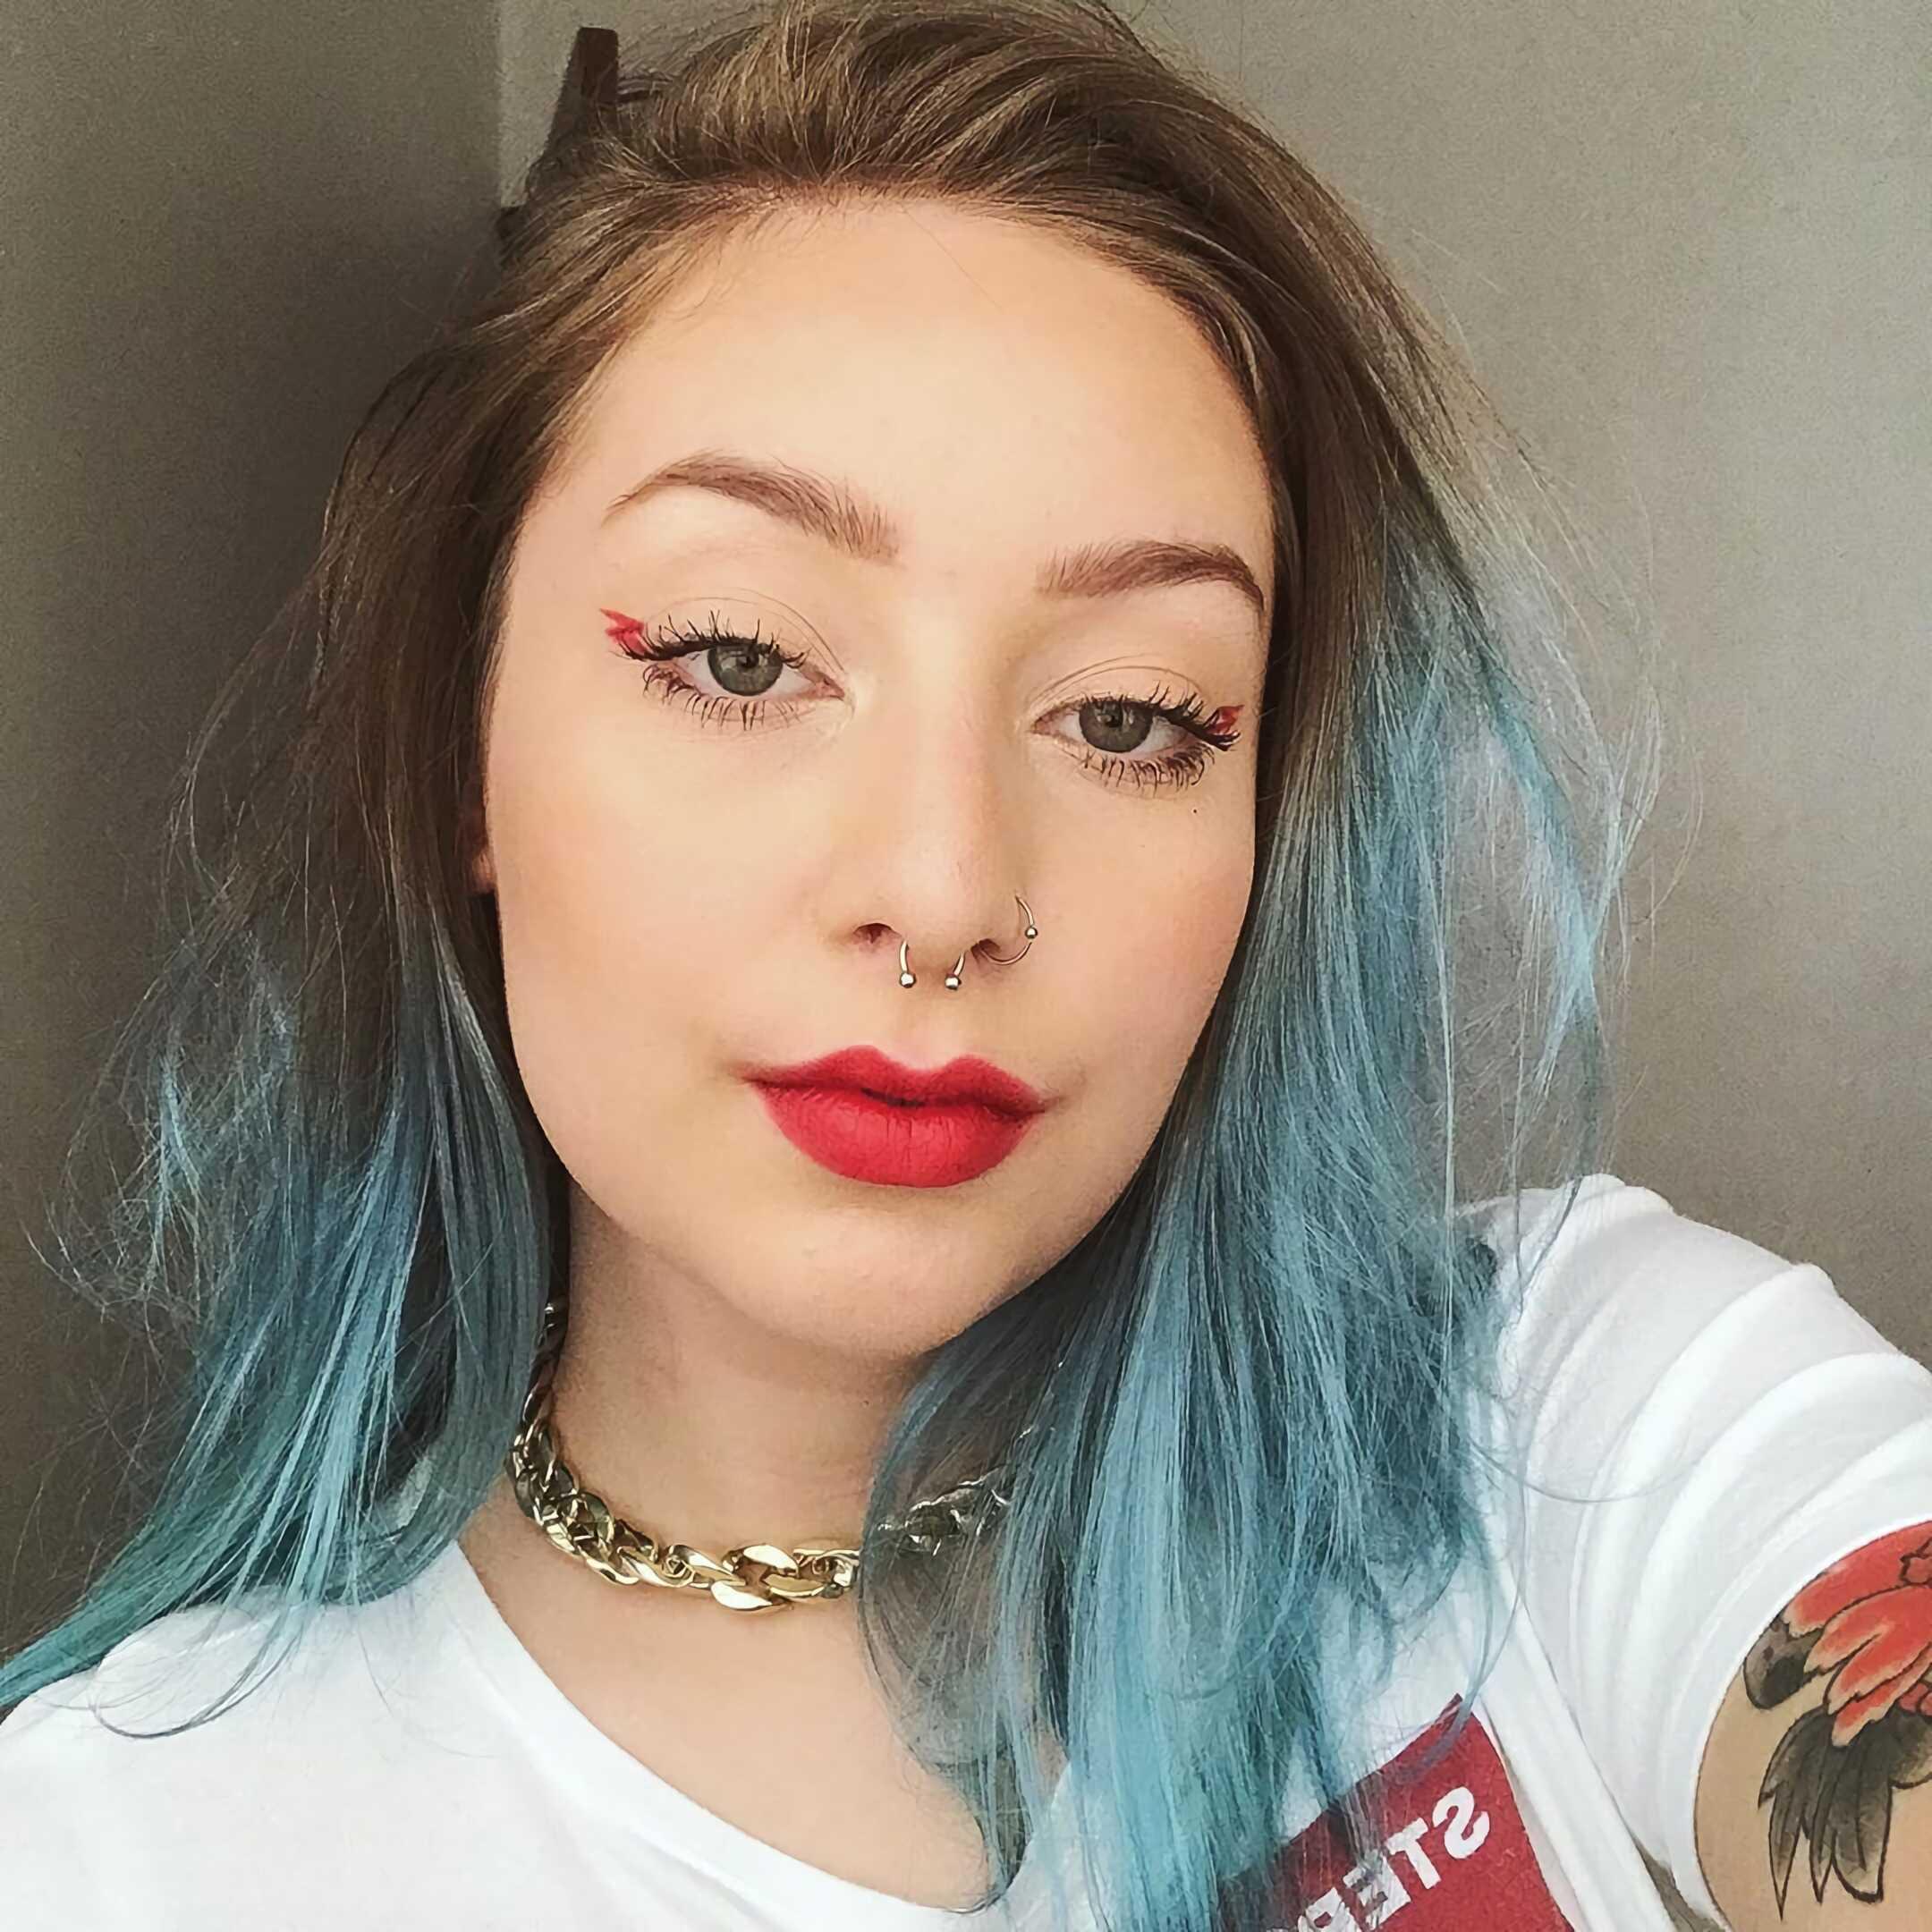 модная стрижка на средней длины с синими волосами